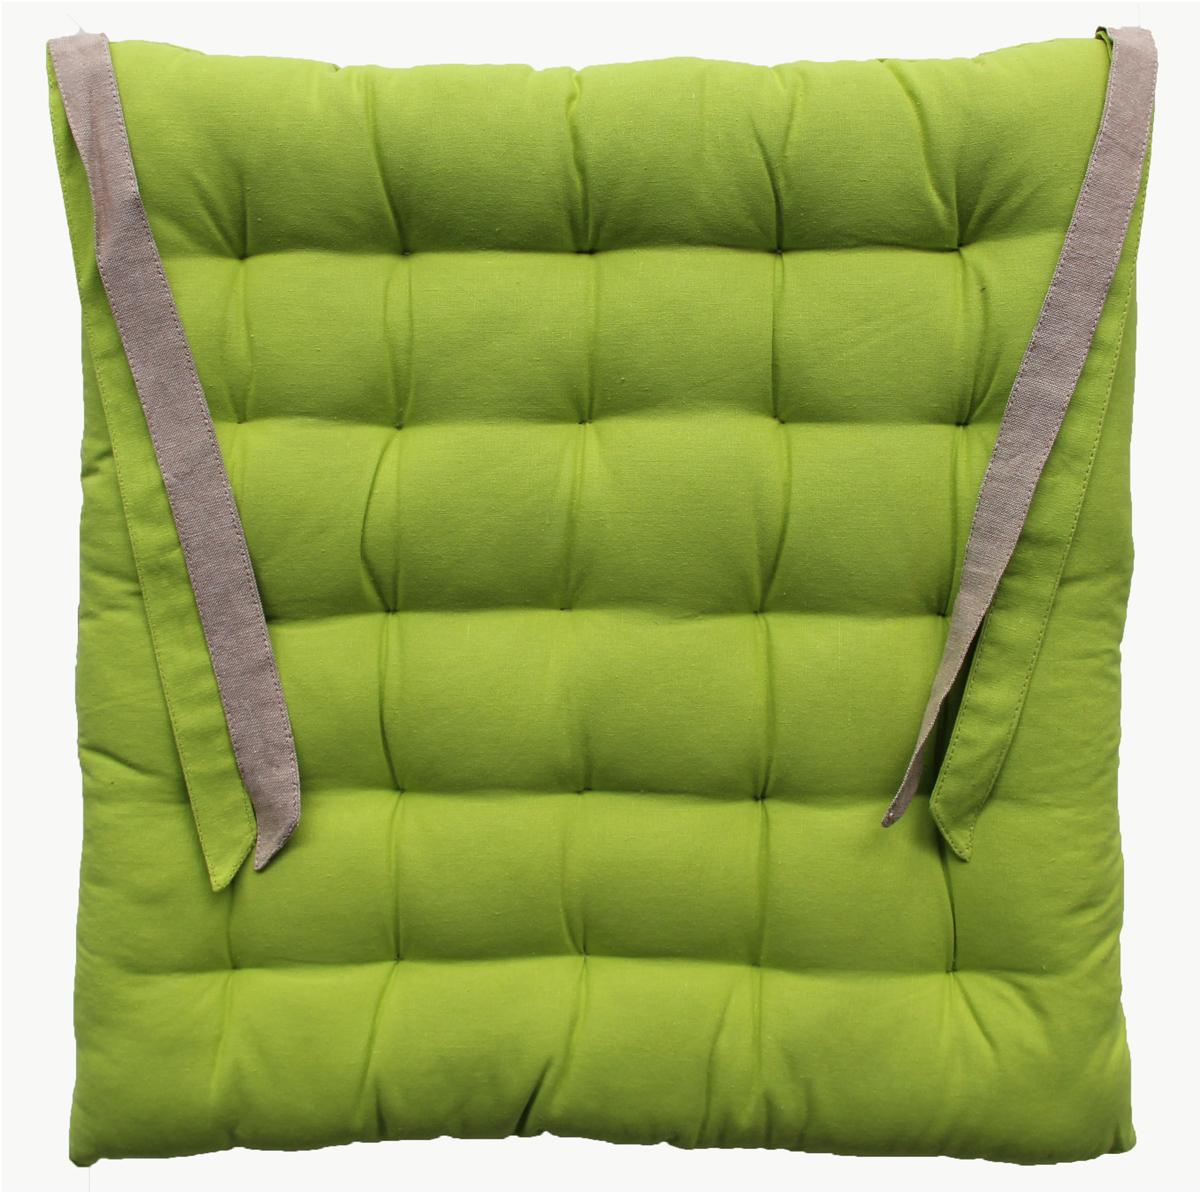 Galette de chaise en coton vert 40x40